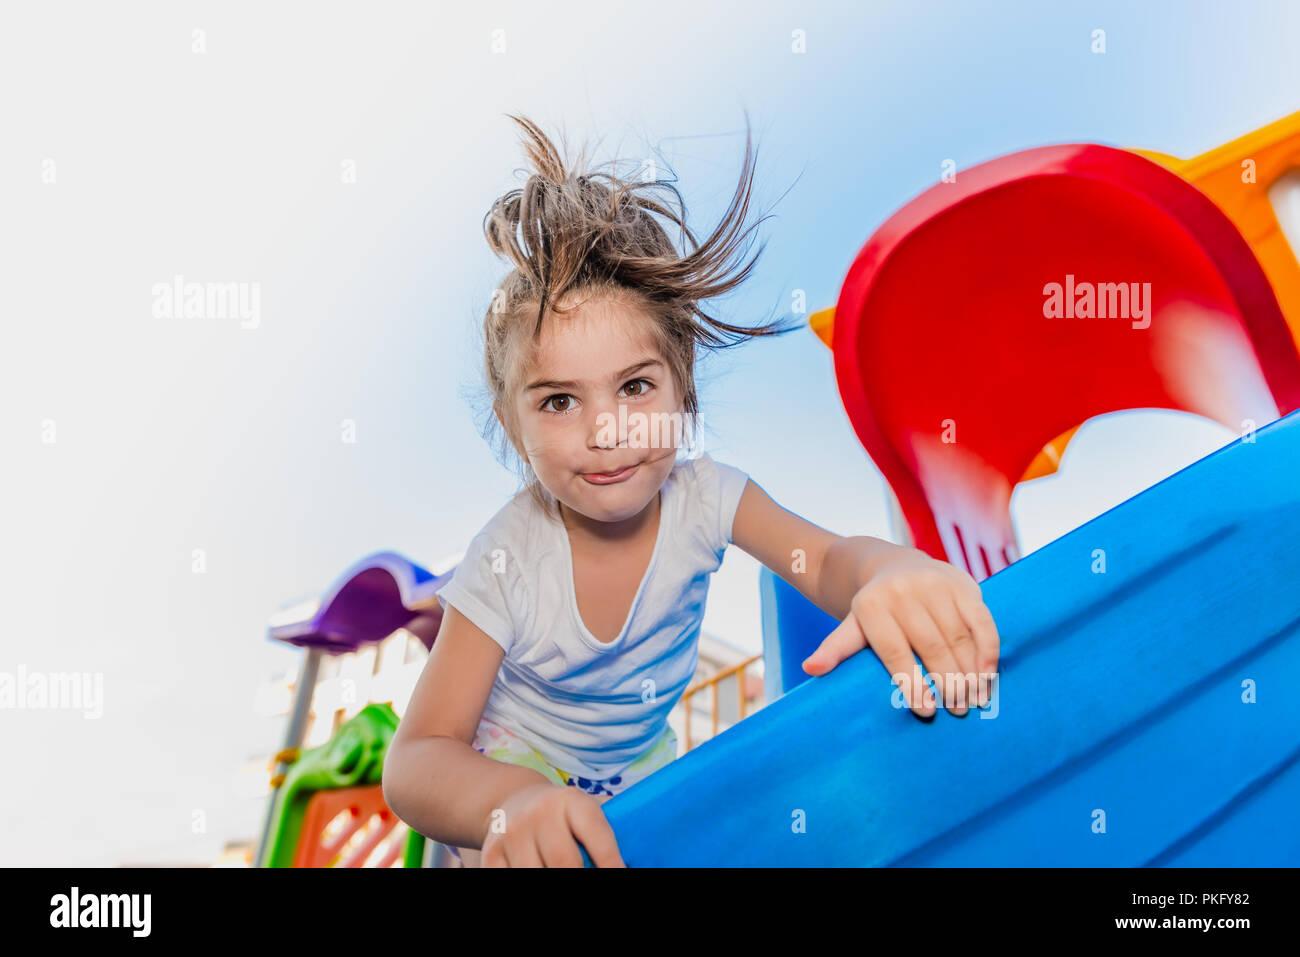 Ritratto di carino bambina holding e cursori di arrampicata per raggiungere il top sul parco giochi Immagini Stock